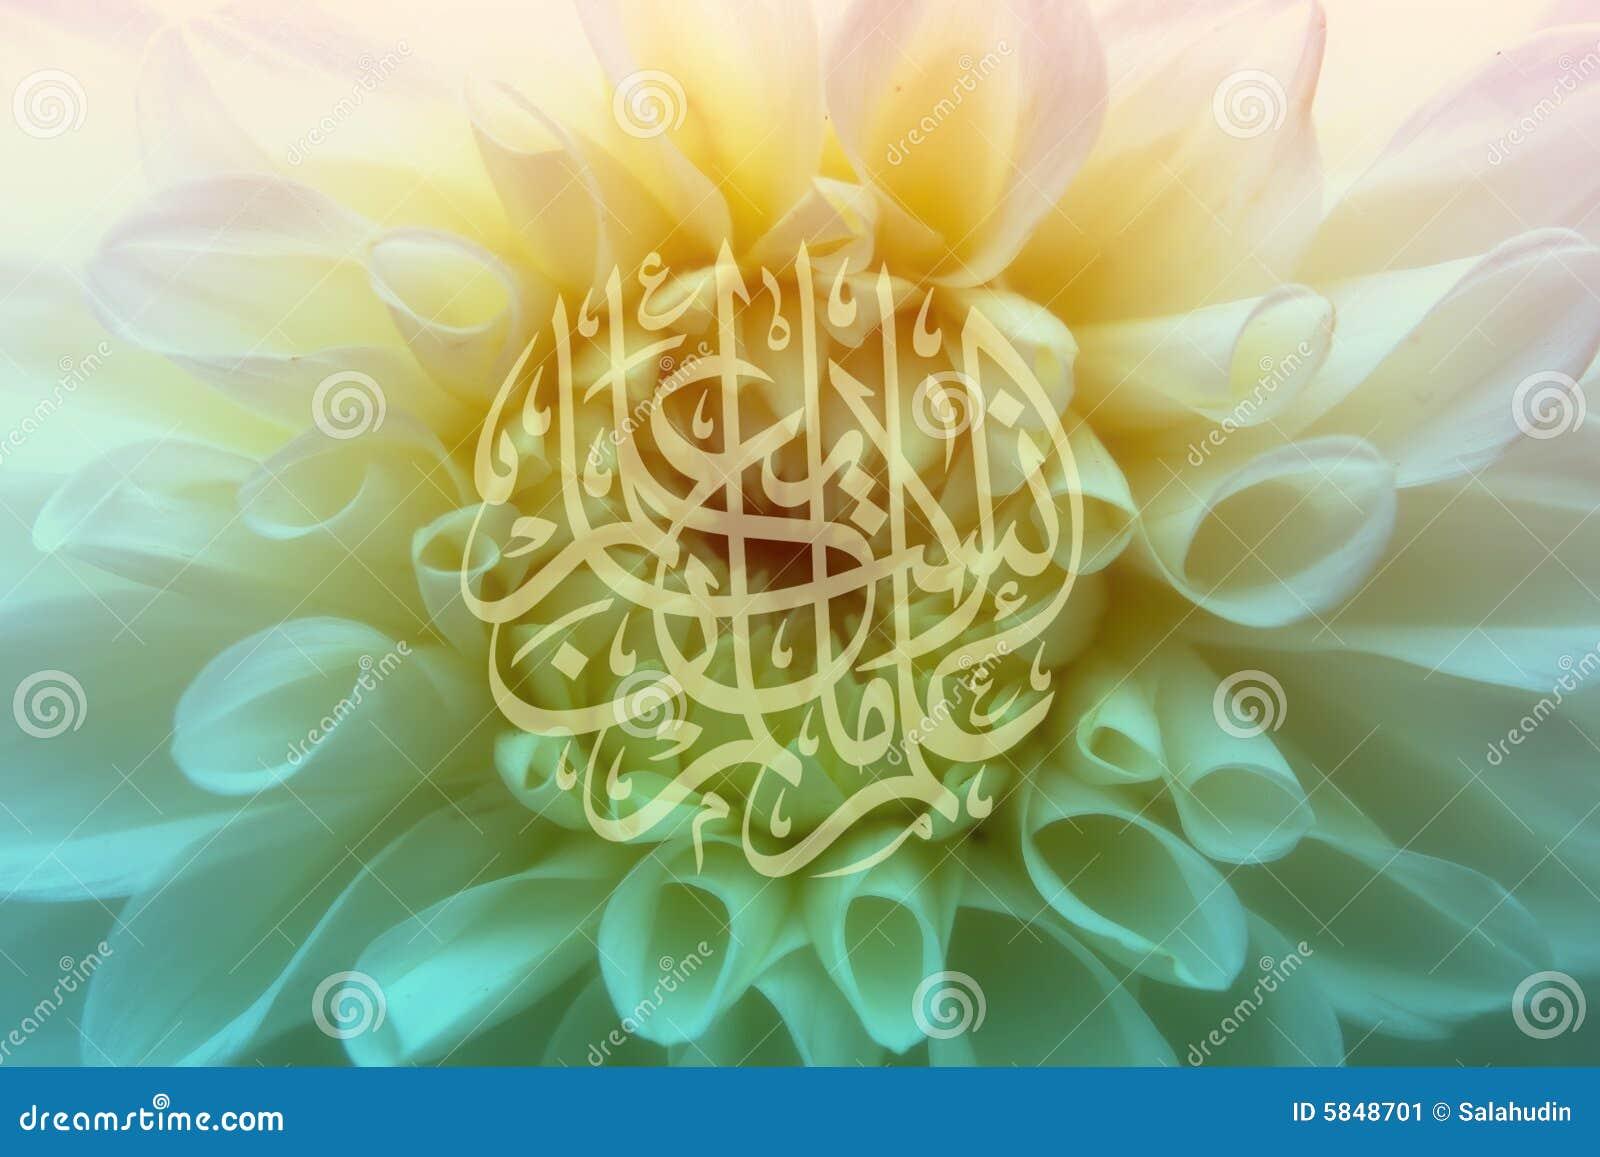 Calligraphie Islamique Sur La Fleur Image Stock Image Du Petale